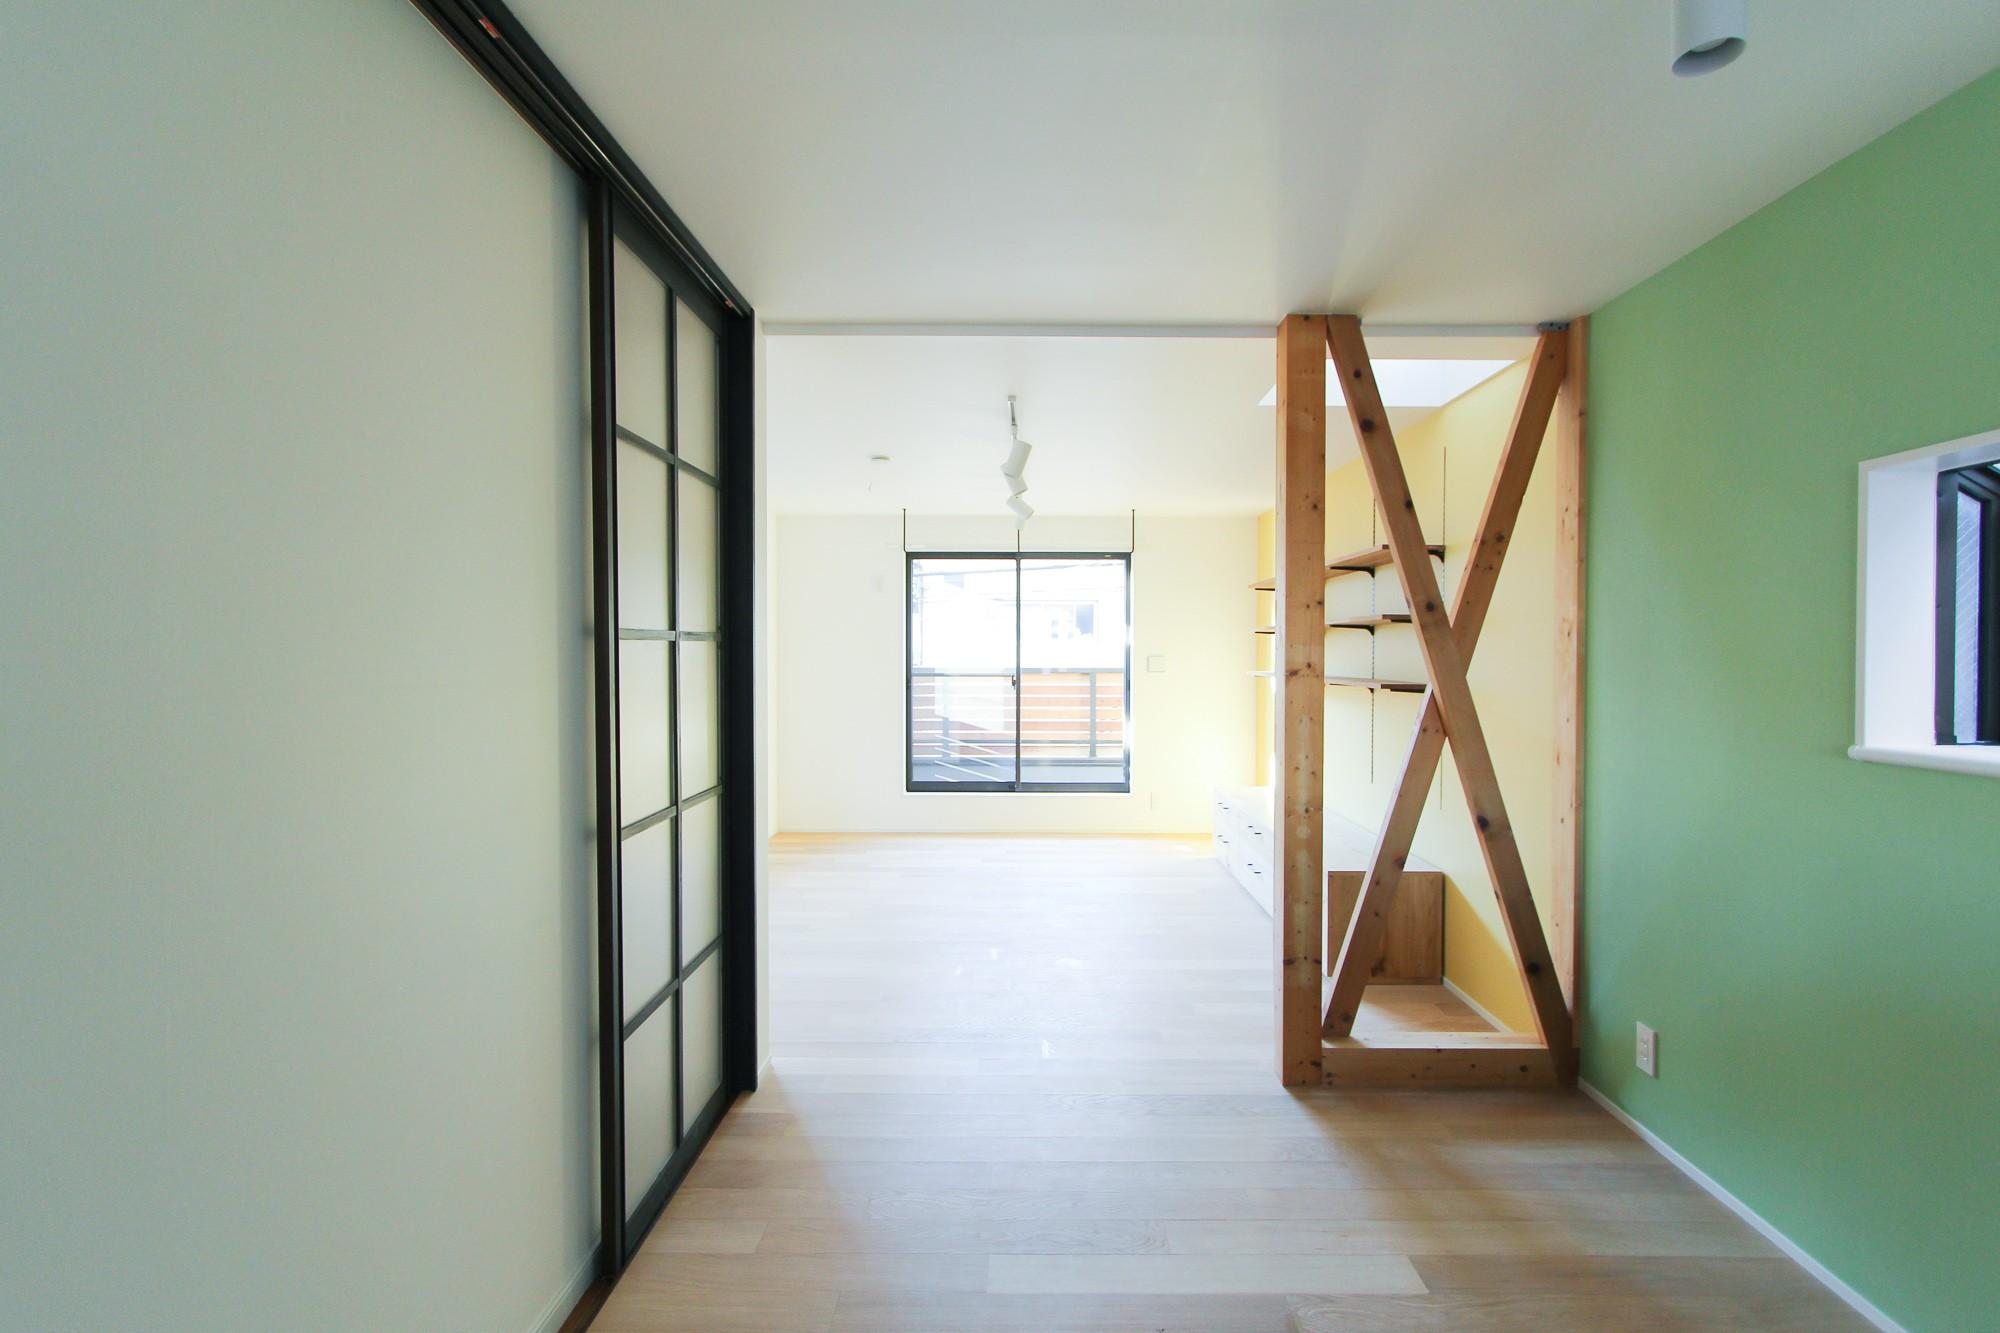 グリーンの壁紙のダイニングスペース 明るく楽しい色づかい リビングダイニング事例 Suvaco スバコ